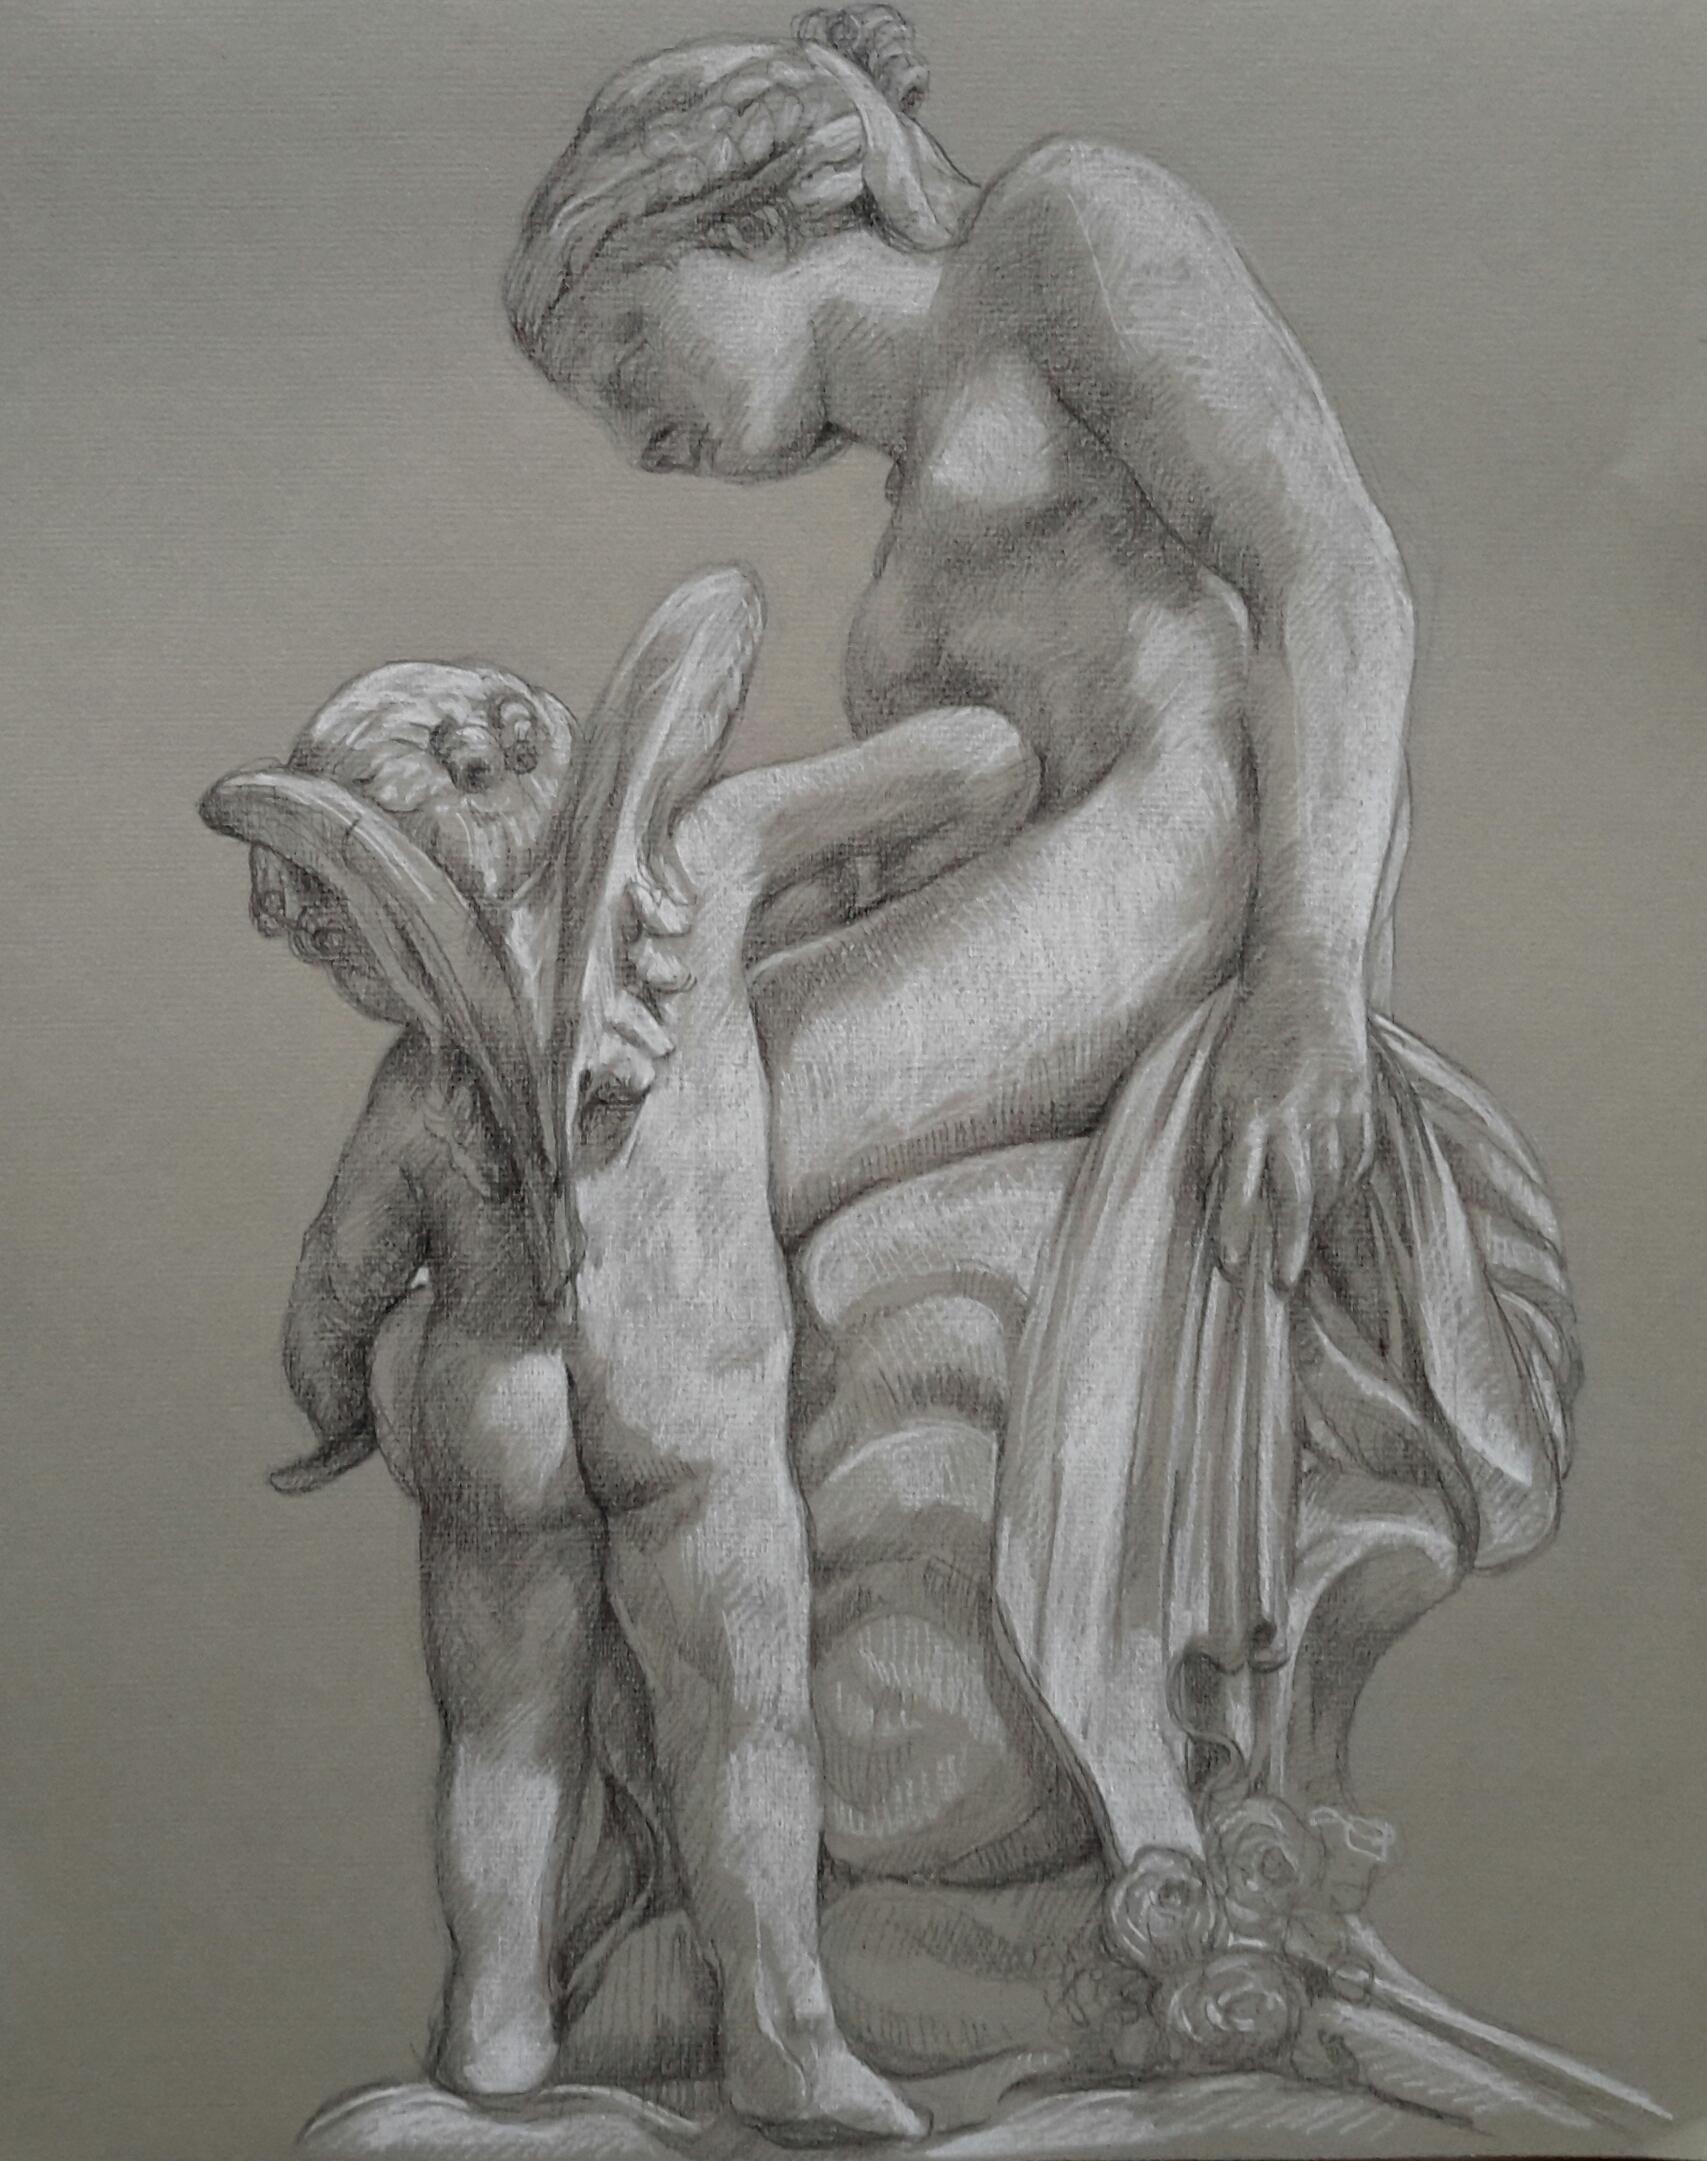 Vénus guidant les traits de l'Amour : pierre noire et crayon blanc